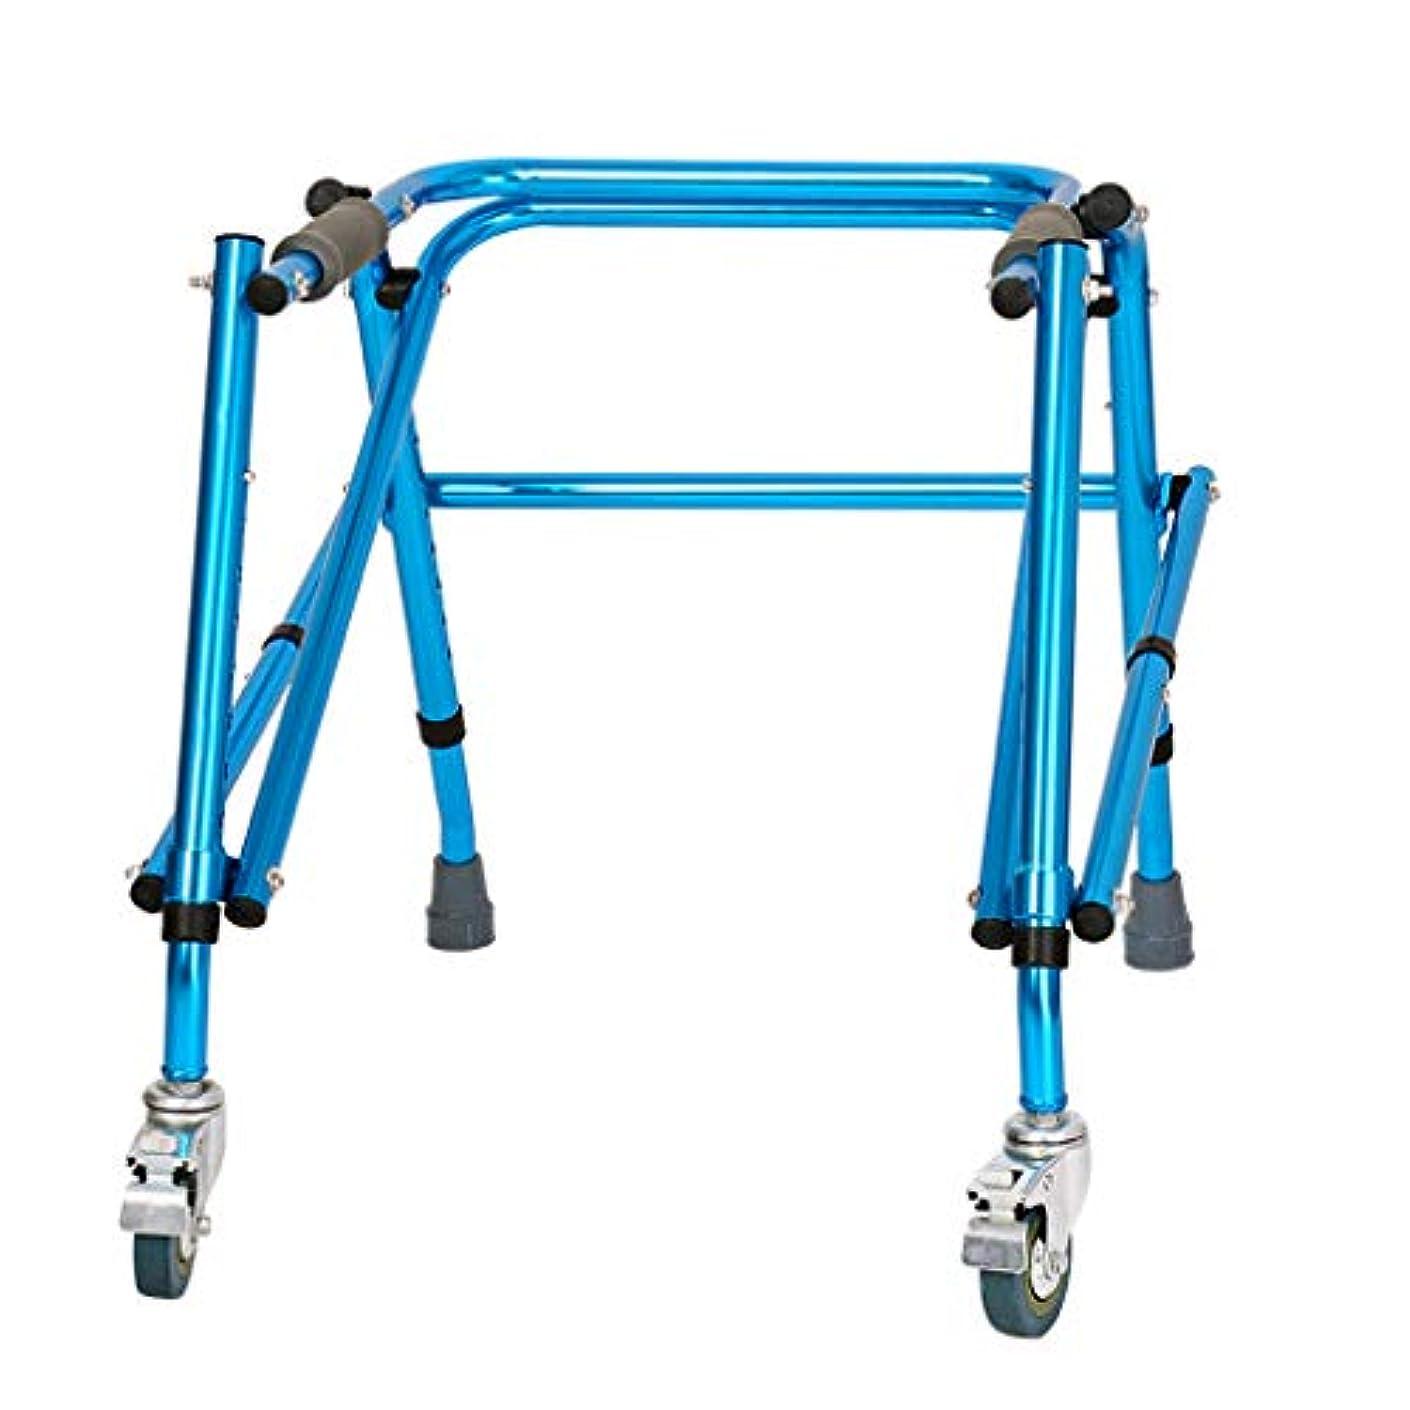 勧める打たれたトラック雪だるまを作るLINrxl 子供下肢トレーニングとリハビリテーション機器/立ち歩行スタンド/ウォークエイド/ウォーカー/スタンドフレーム付きホイールリハビリ機器